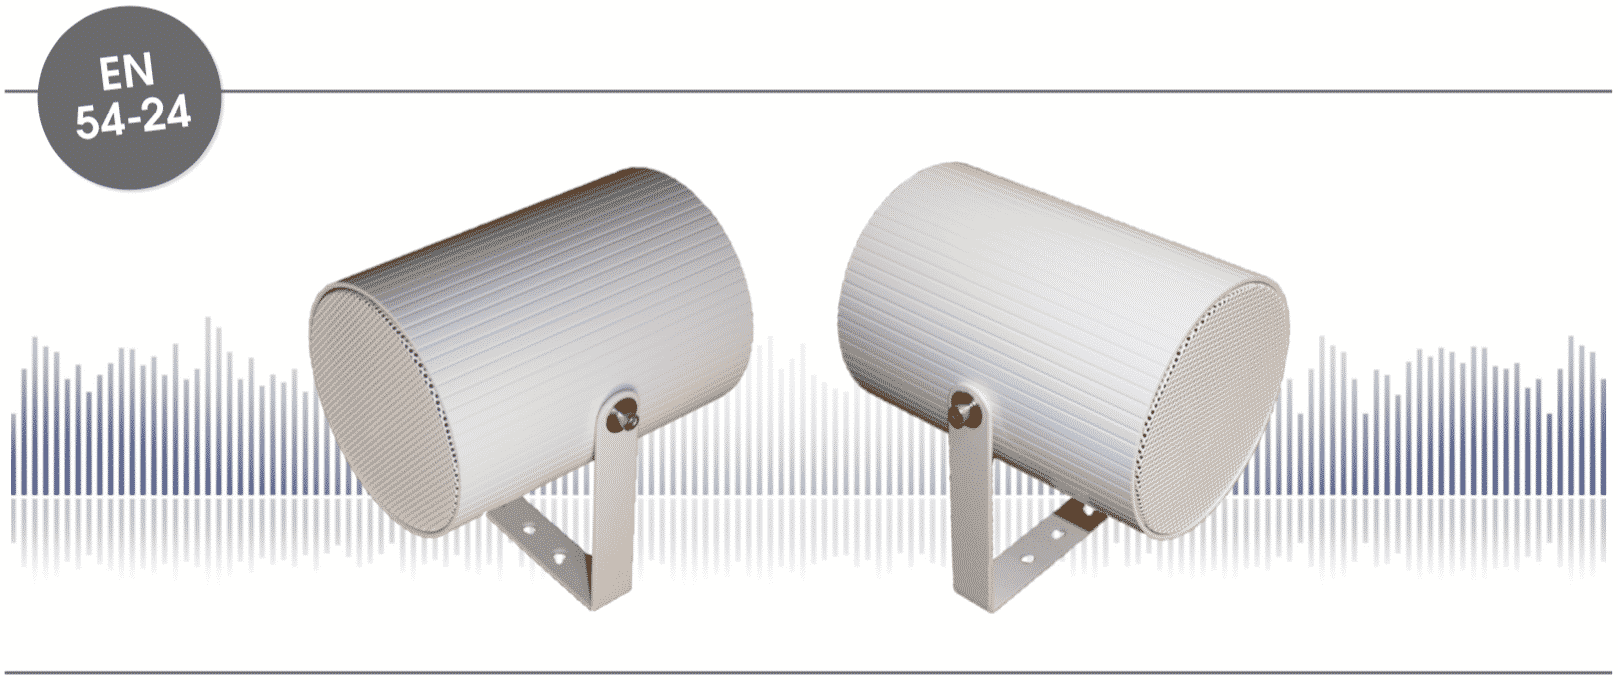 Projecteur de son conforme sonorisation de sécurité norme EN54